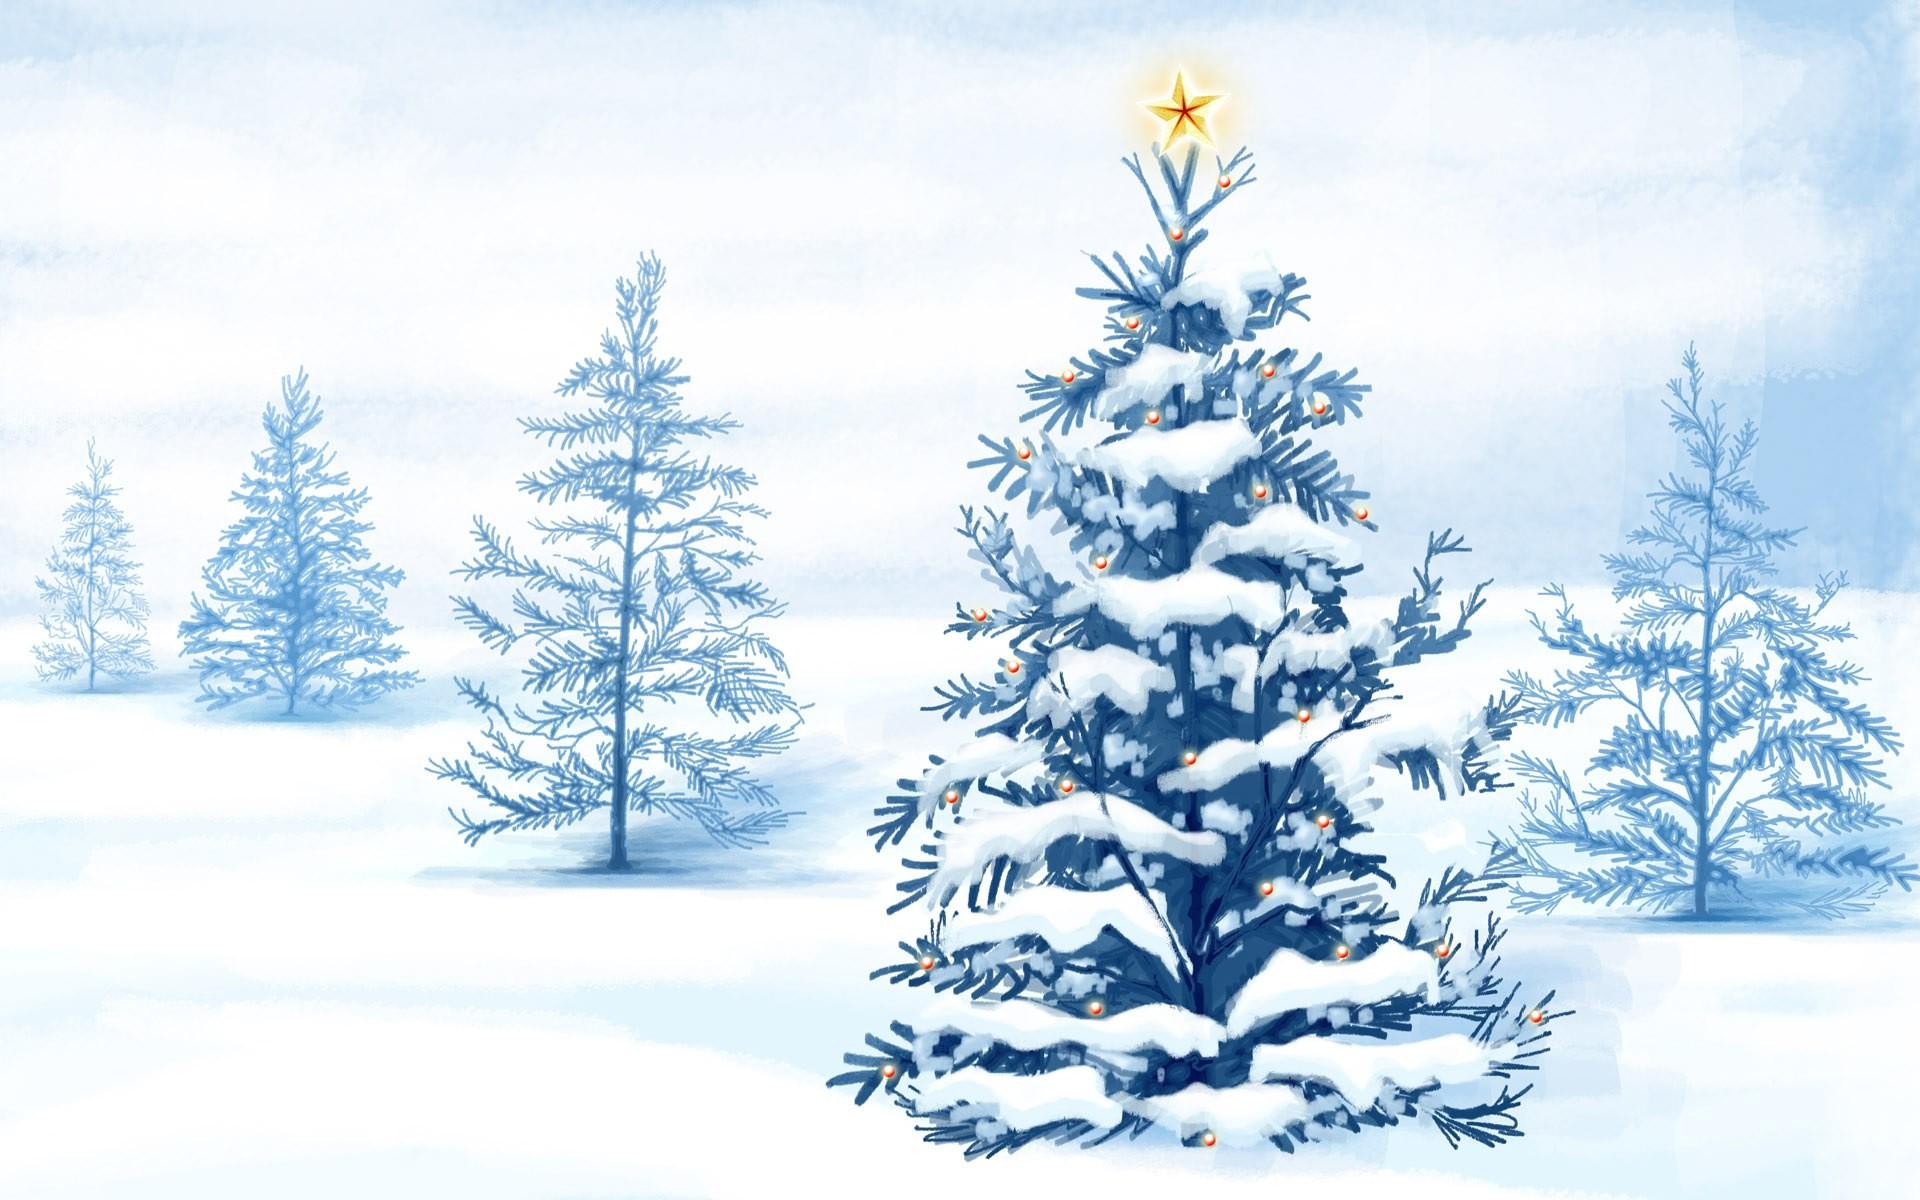 Sfondi Invernali Natalizi.Sfondi Neve 50 Immagini